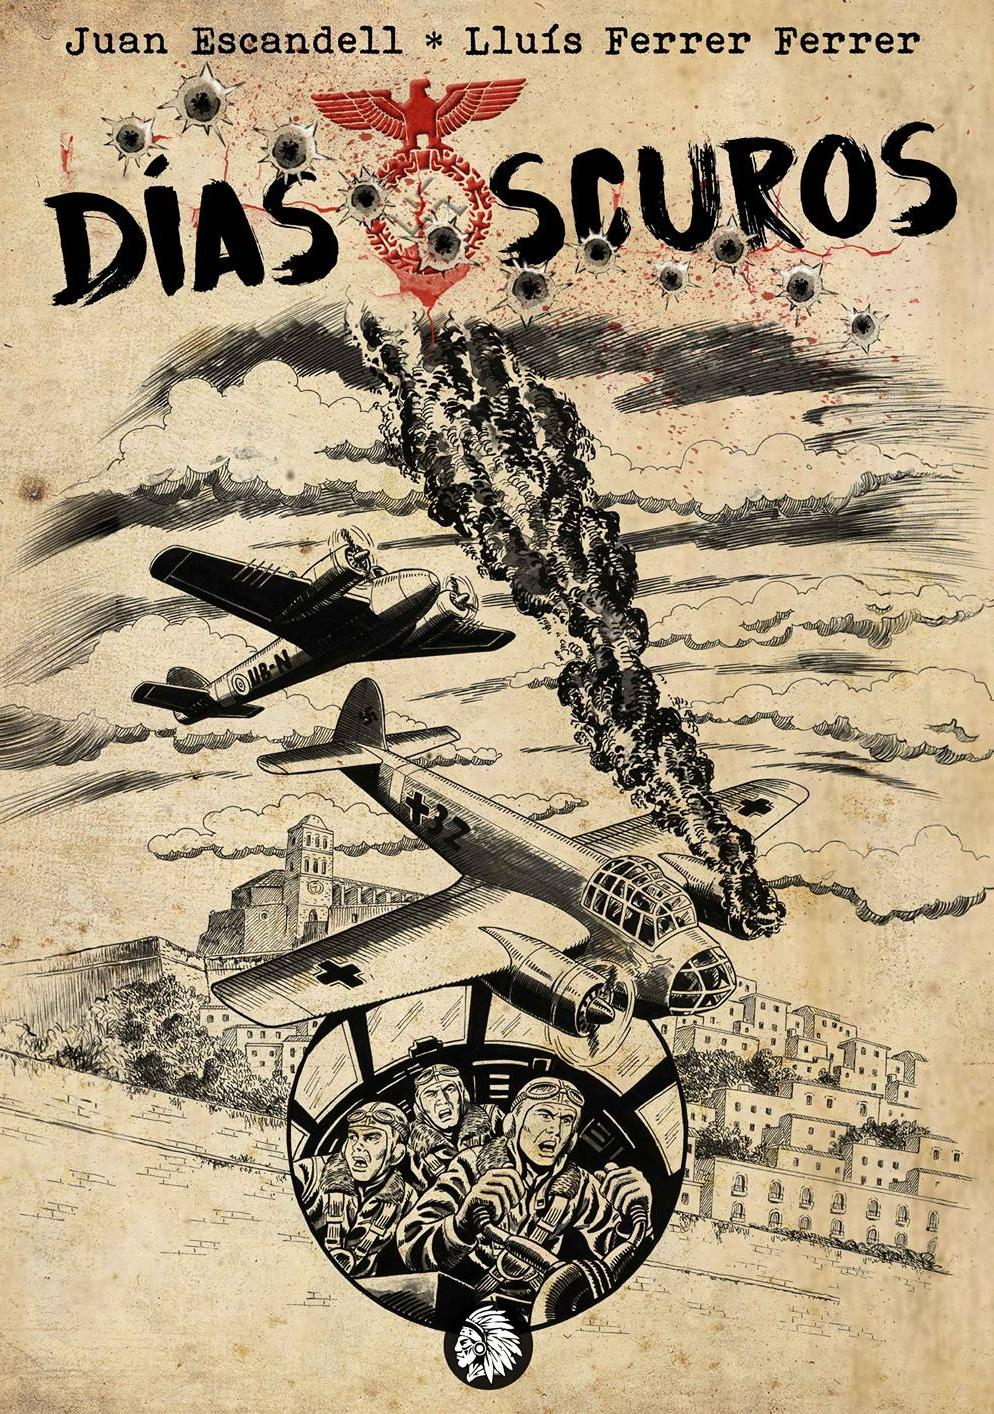 Días oscuros Lluís Ferrer Juan Escandell Apache portada